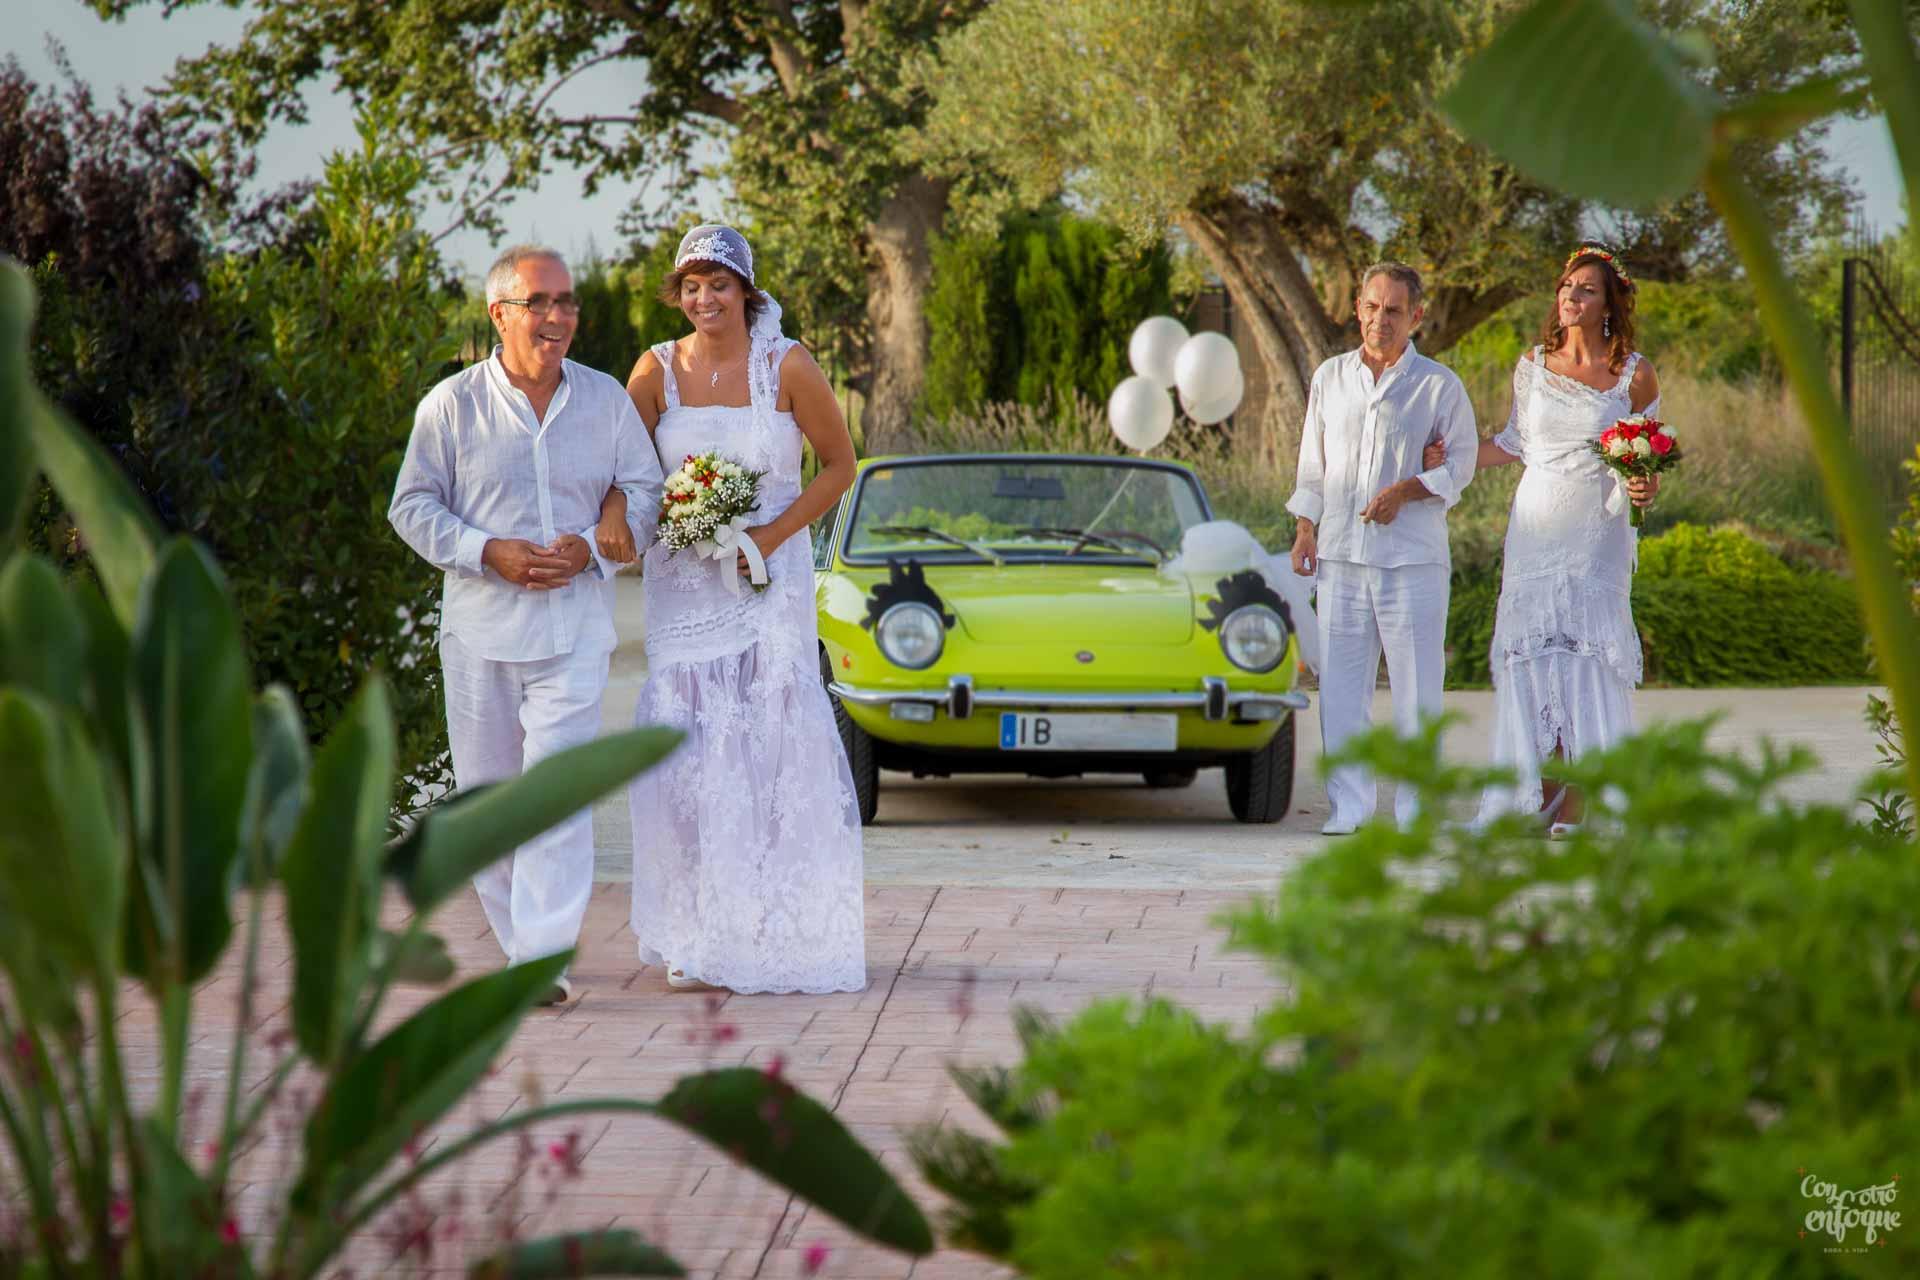 dudas sobre fotógrafos de boda en Valencia. Boda ibicenca. Valencia. Boda LGTB